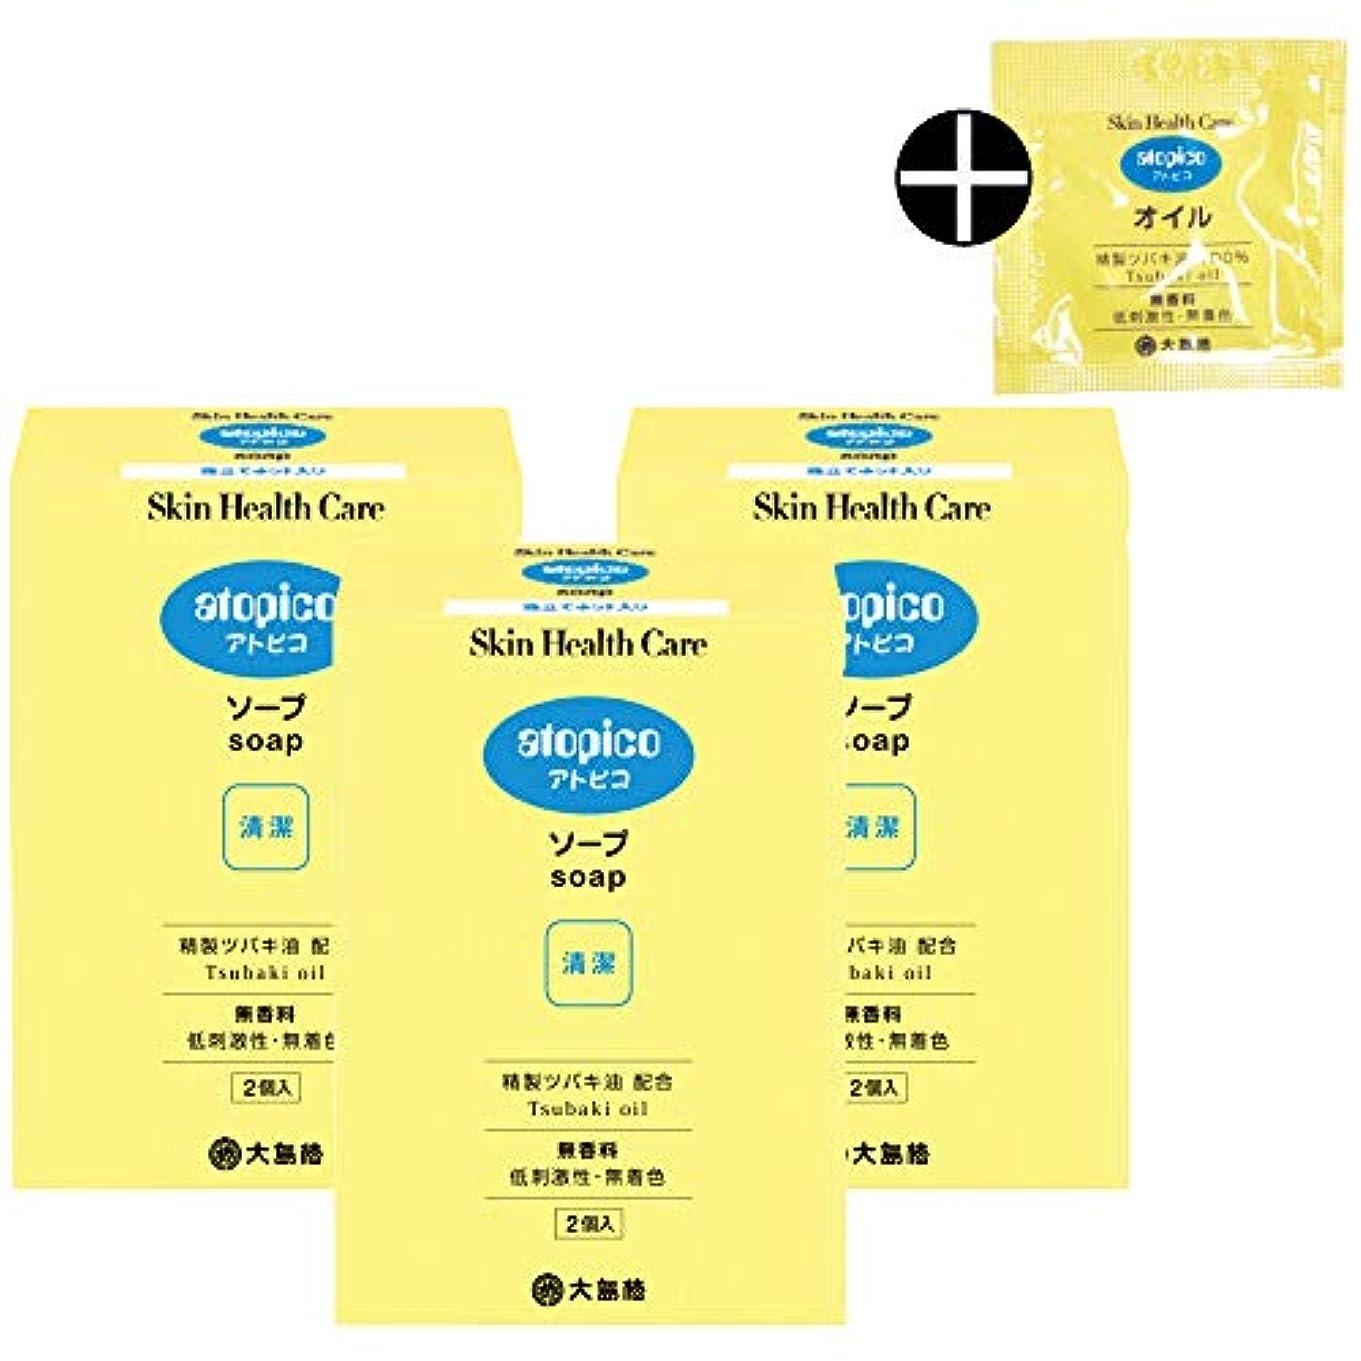 反映する標準指【公式】大島椿 アトピコ スキンヘルスケア ソープ 70g2個入×3箱 サンプル付セット